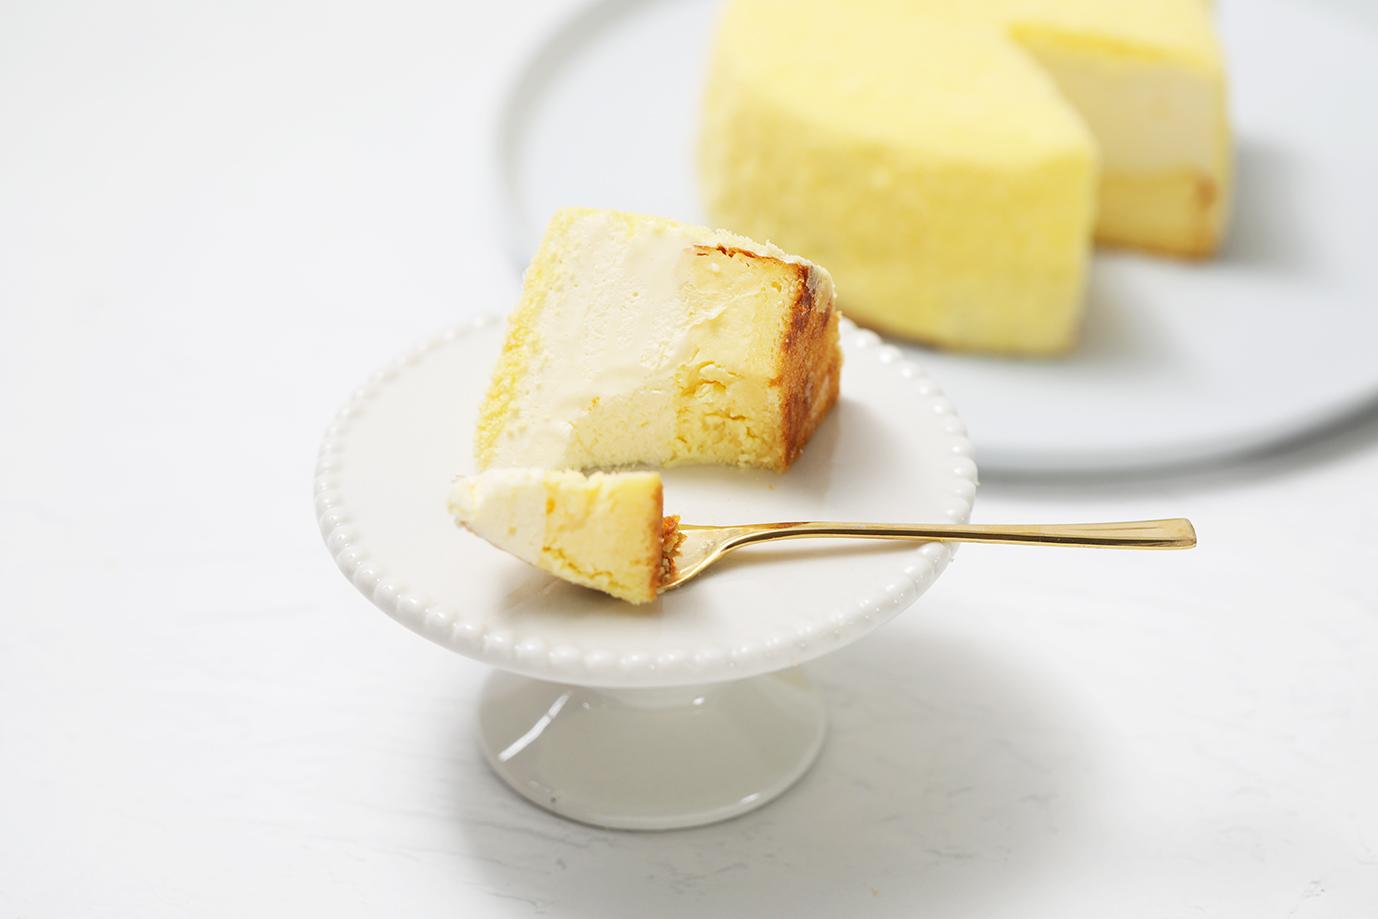 もふねこチーズケーキの断面